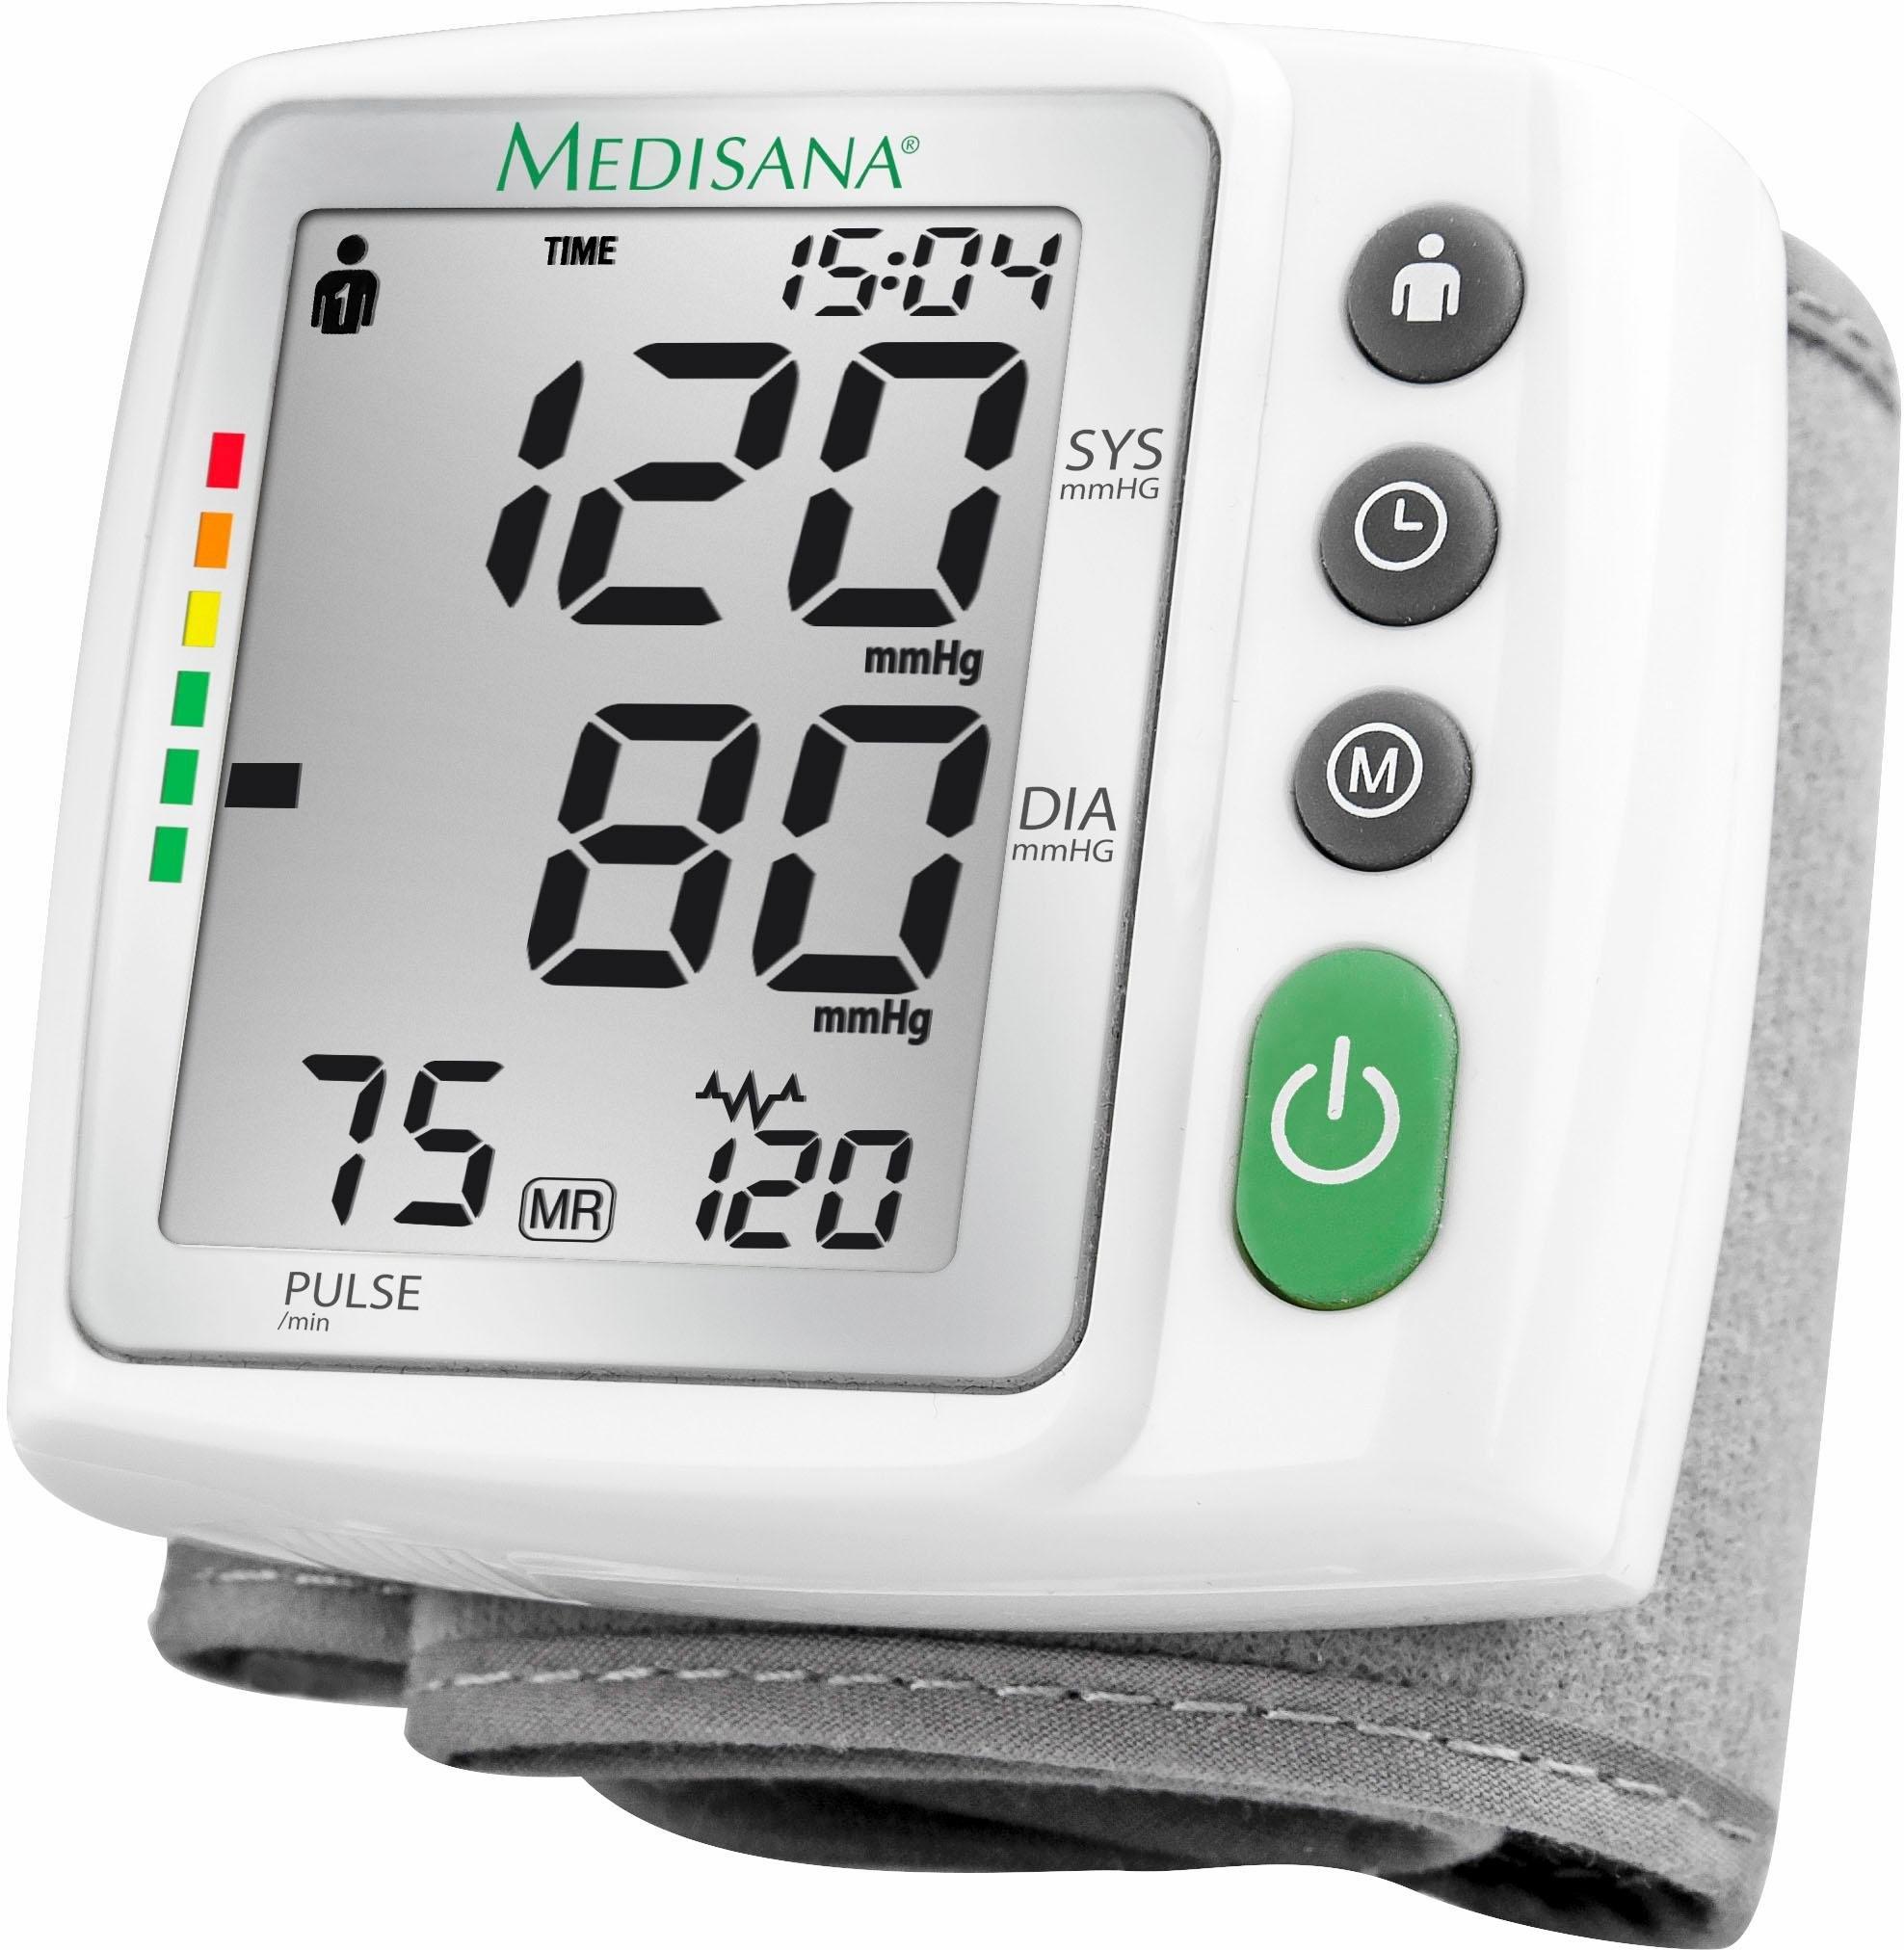 Medisana bloeddrukmeter voor de pols »BW 315« nu online kopen bij OTTO